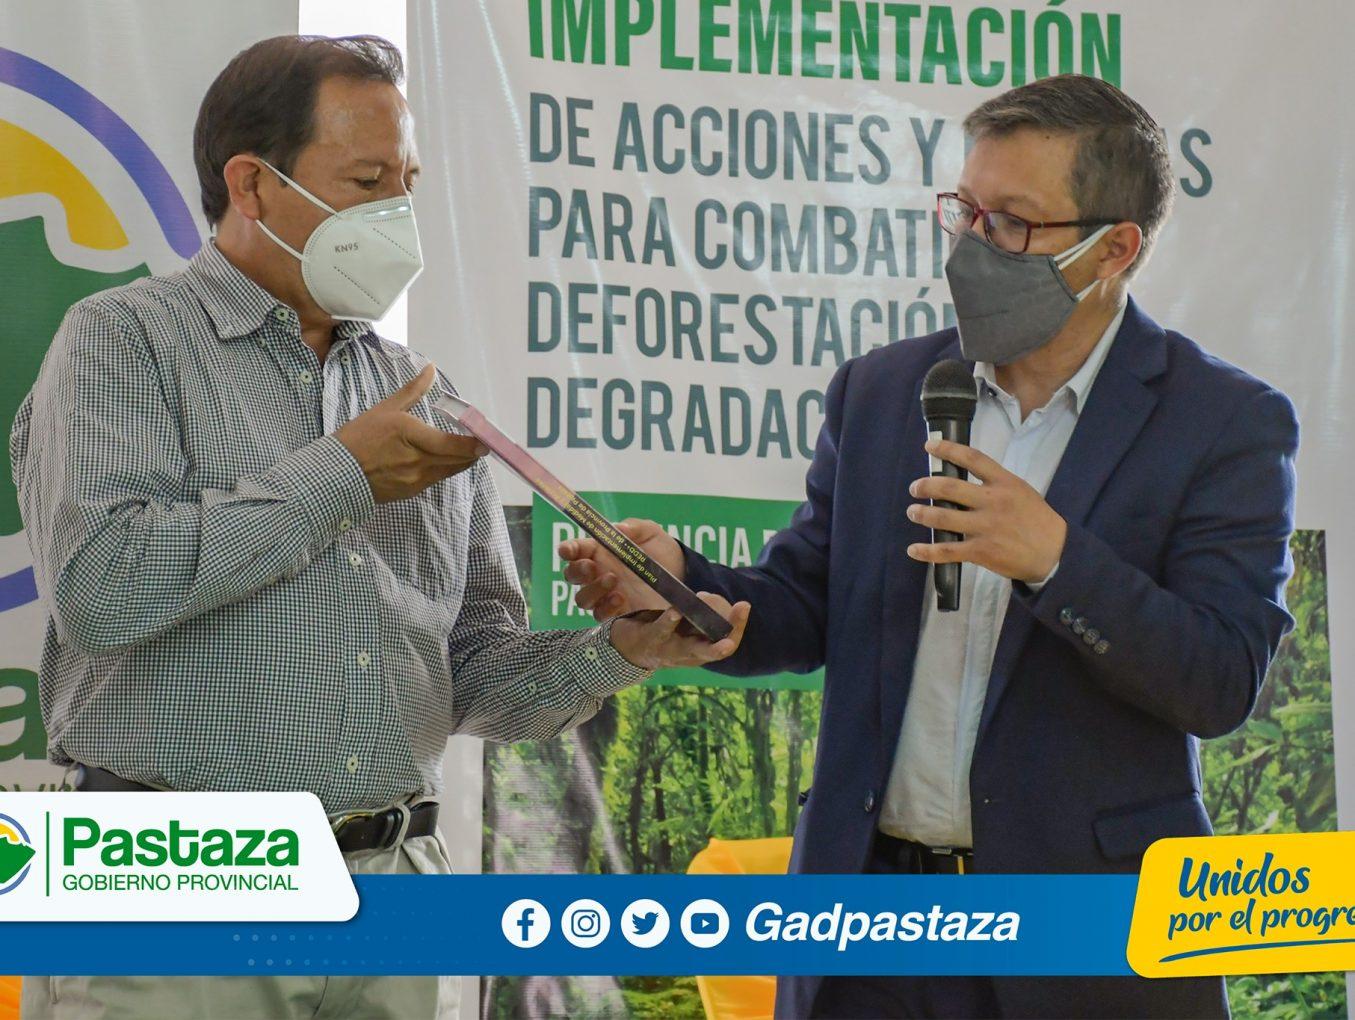 Prefectura presento Plan de Implementación y Acciones REDD+ de Pastaza